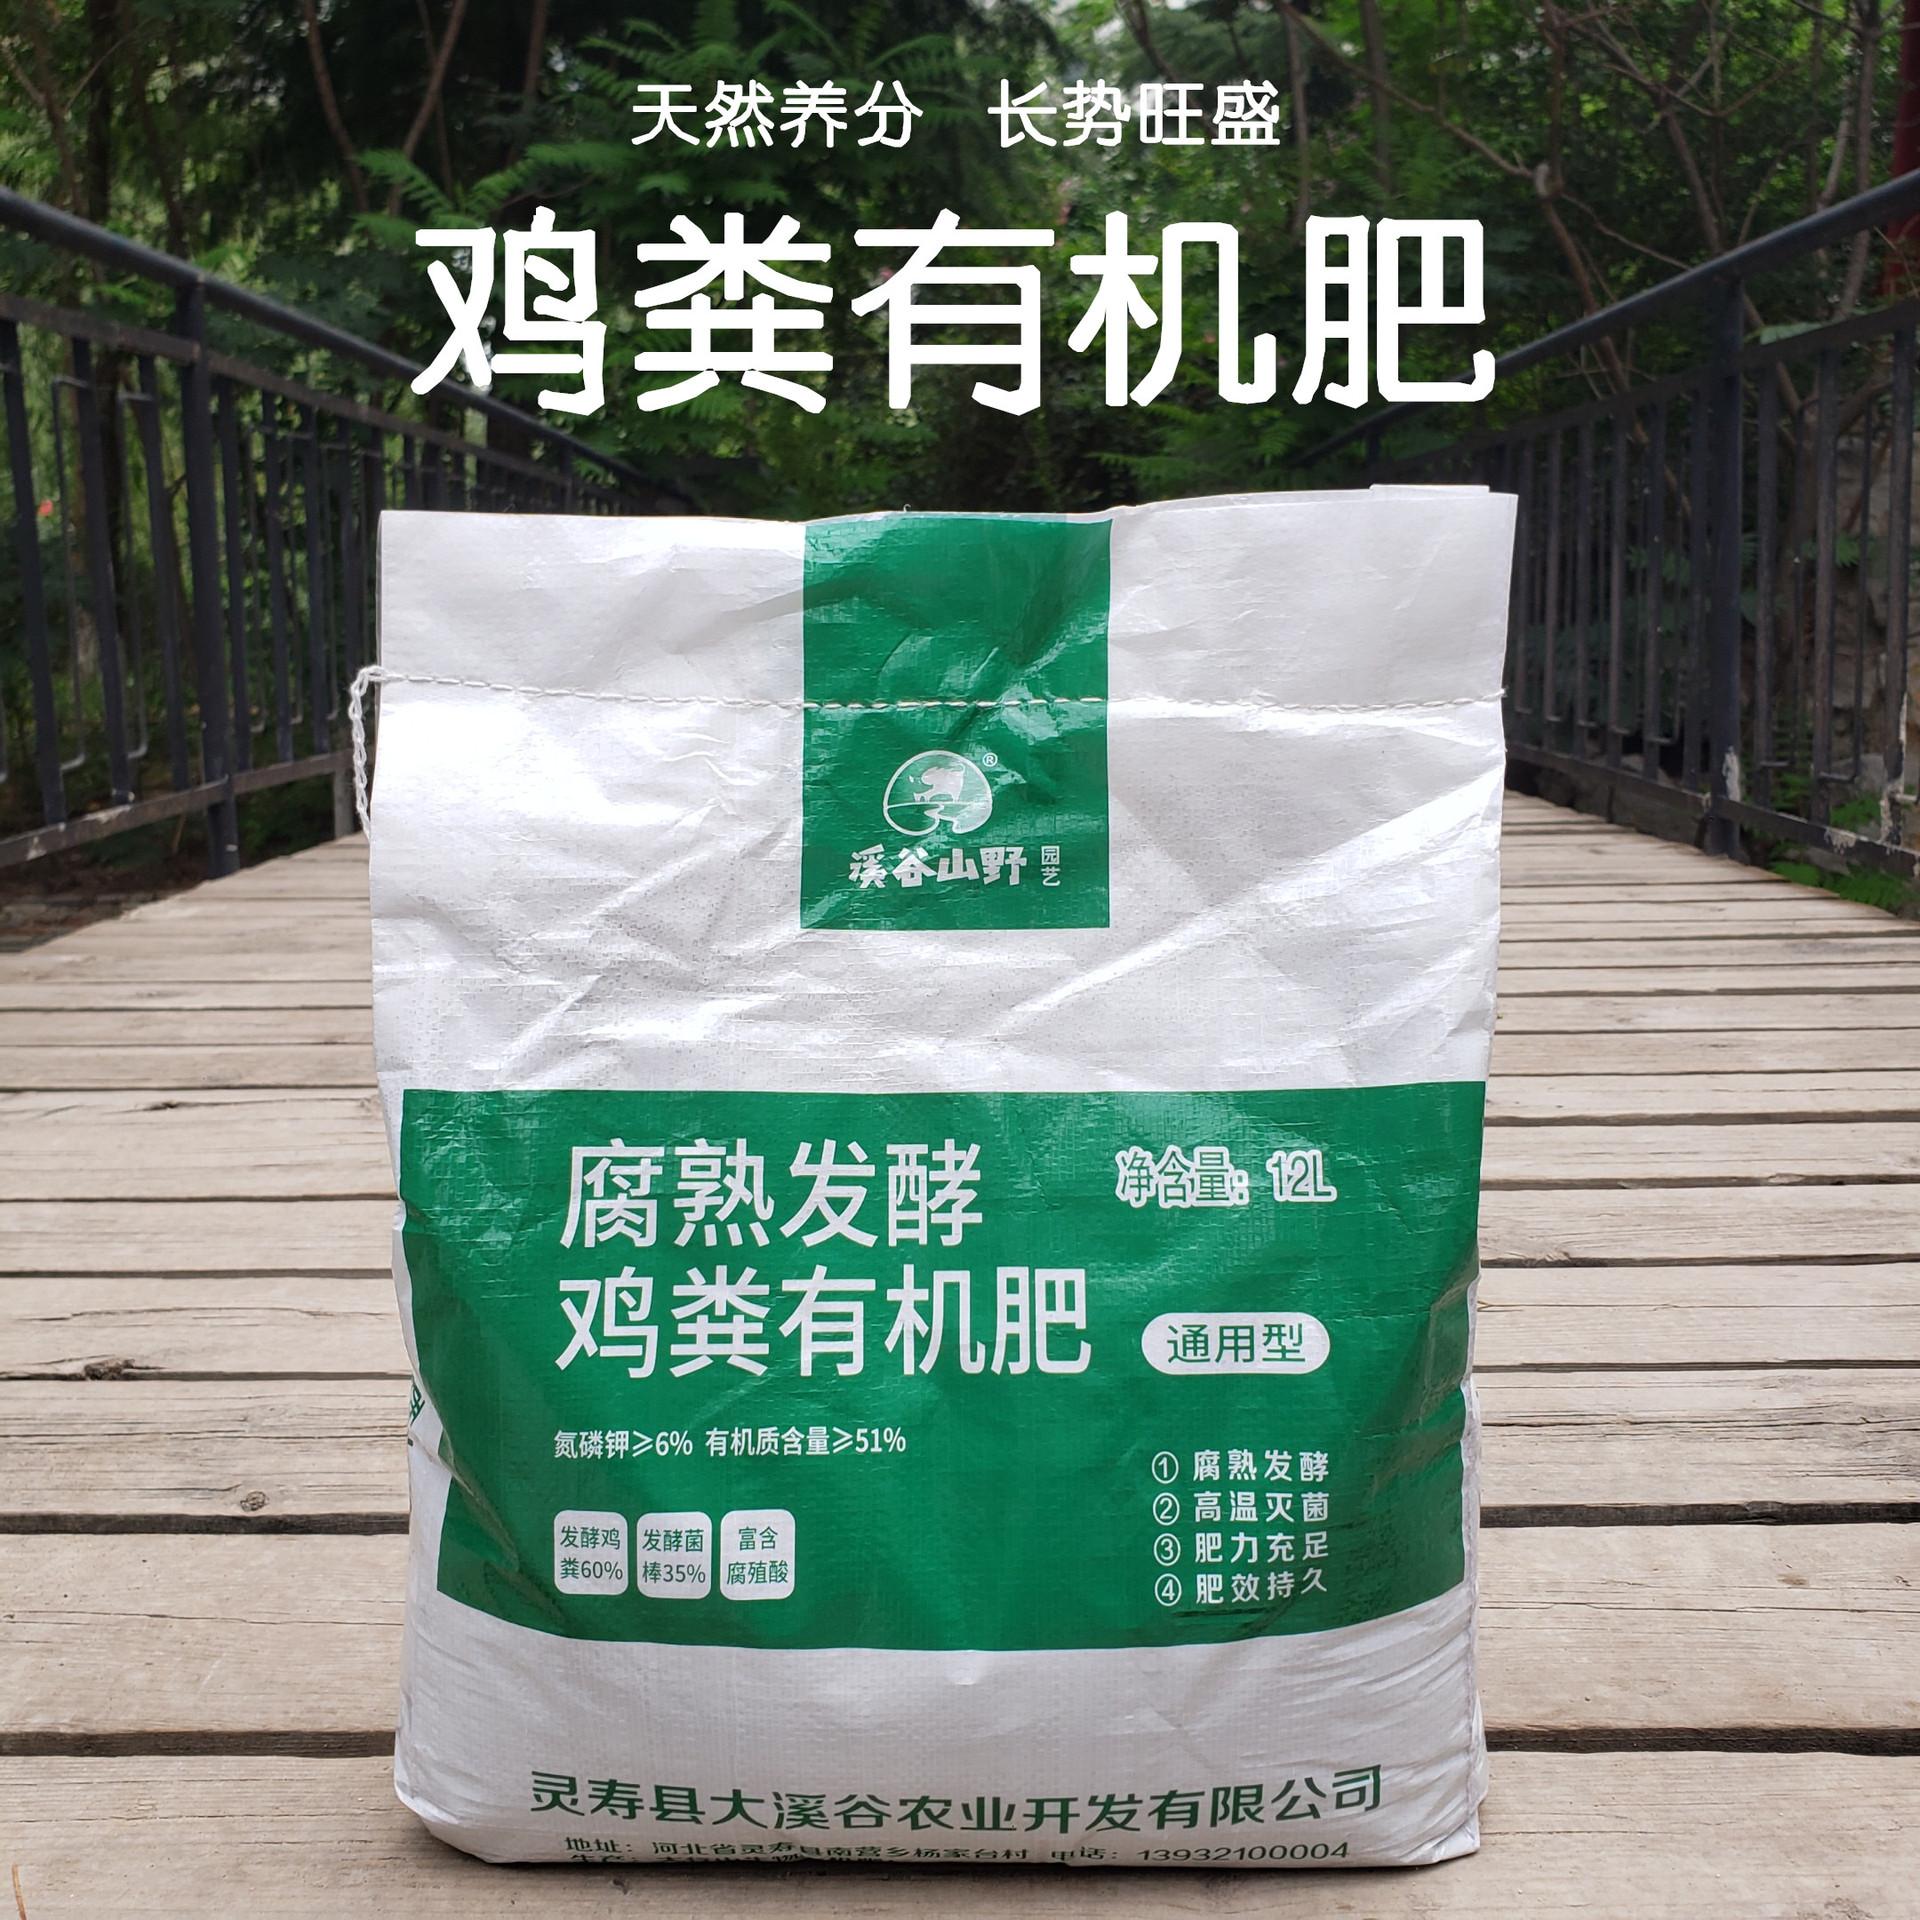 Organic Fertilizer Vegetable Fermented Chicken Manure Organic Fertilizer Pure Chicken Manure Sheep M